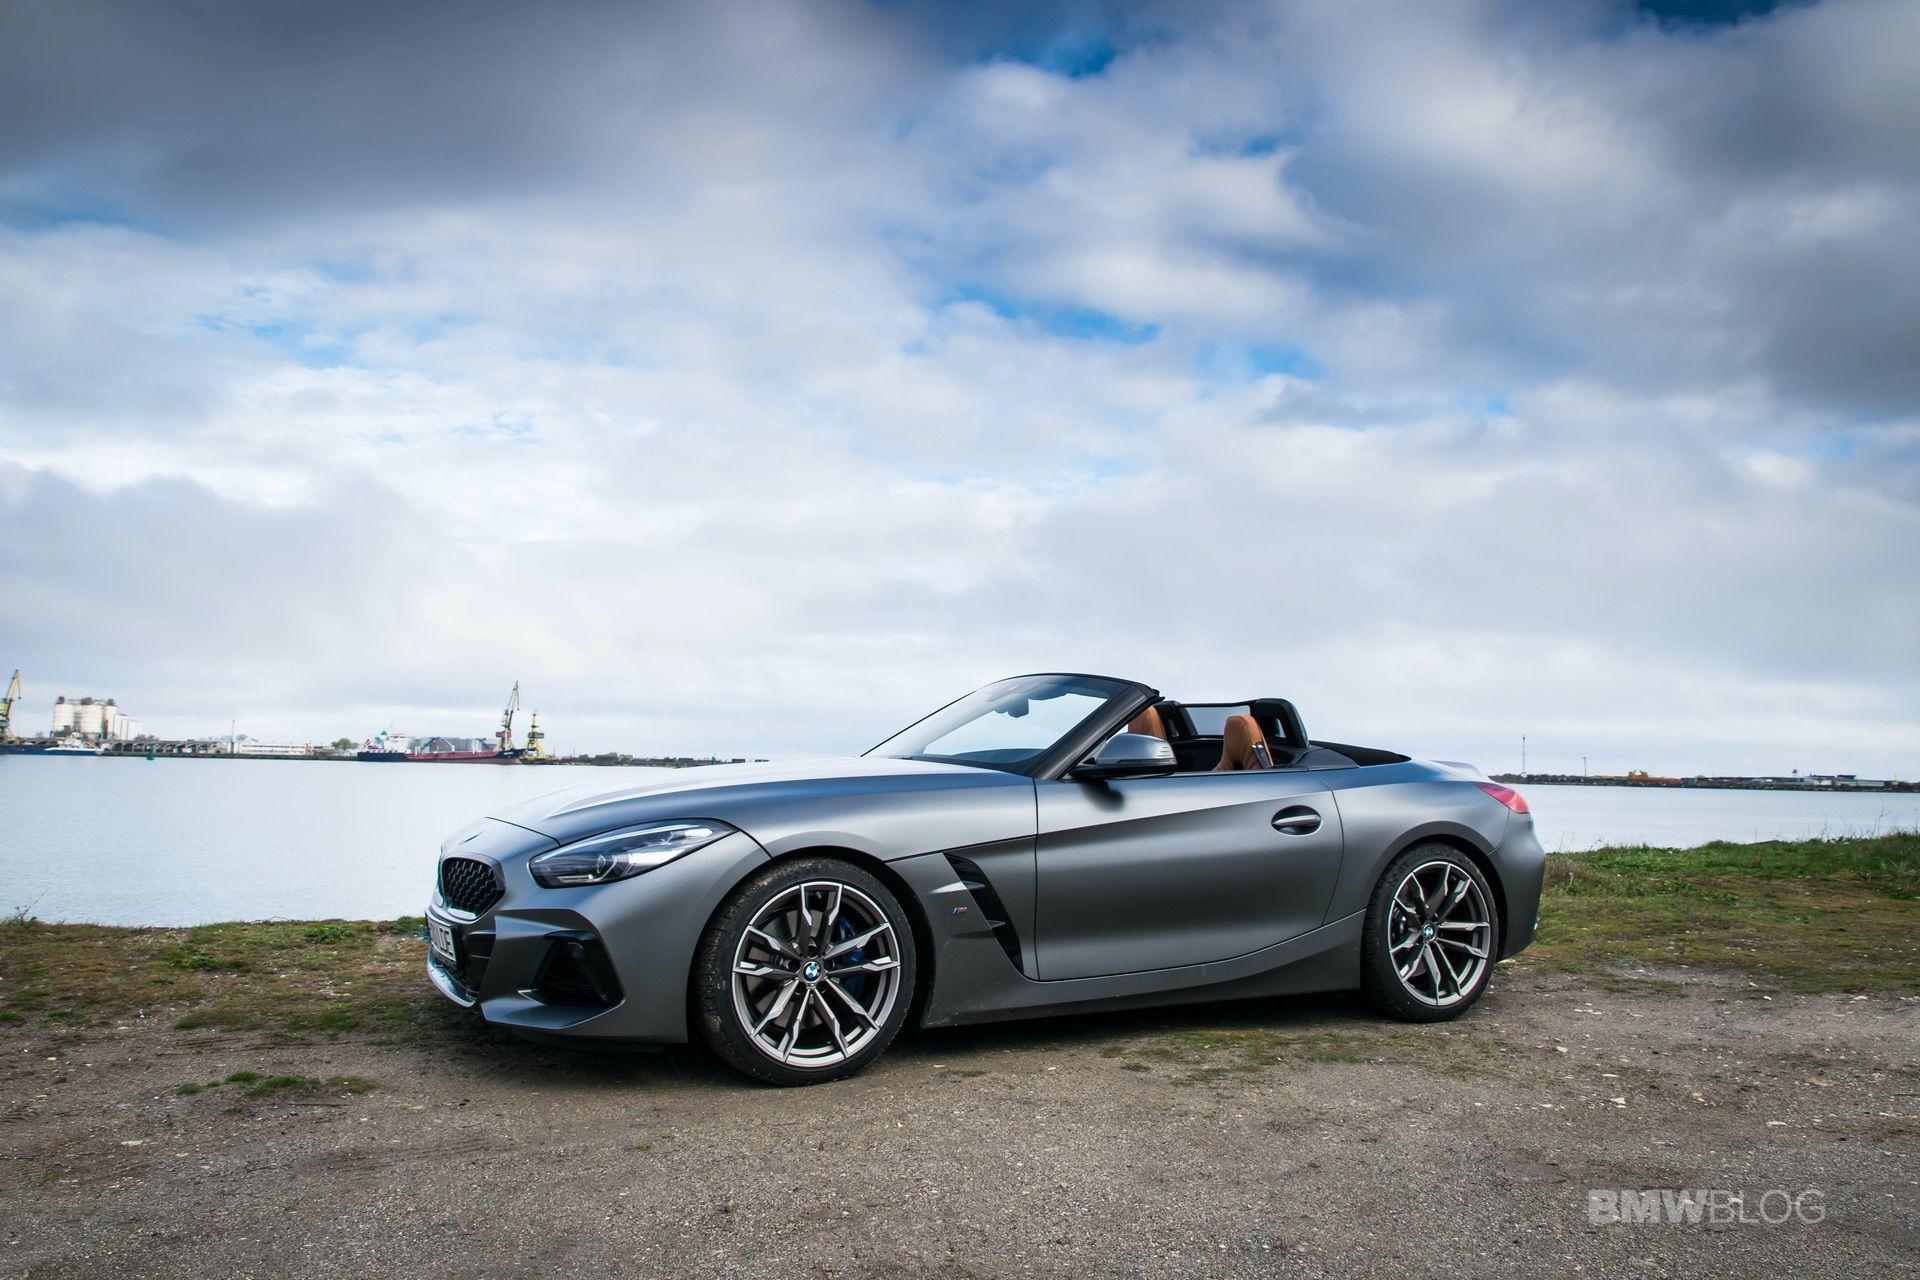 2019 BMW Z4 test drive 47